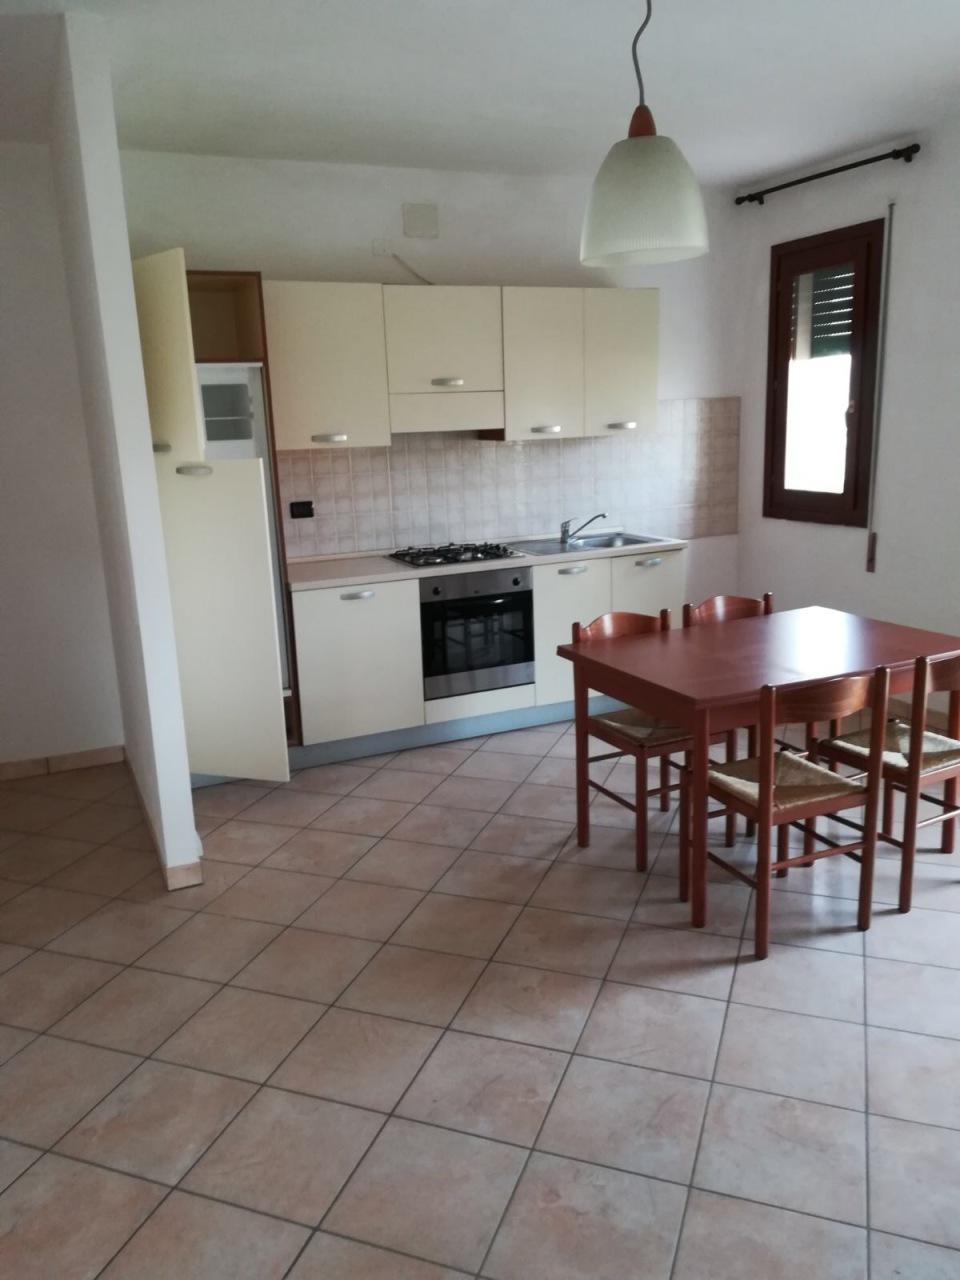 Appartamento in affitto a Rovigo, 5 locali, prezzo € 460 | CambioCasa.it